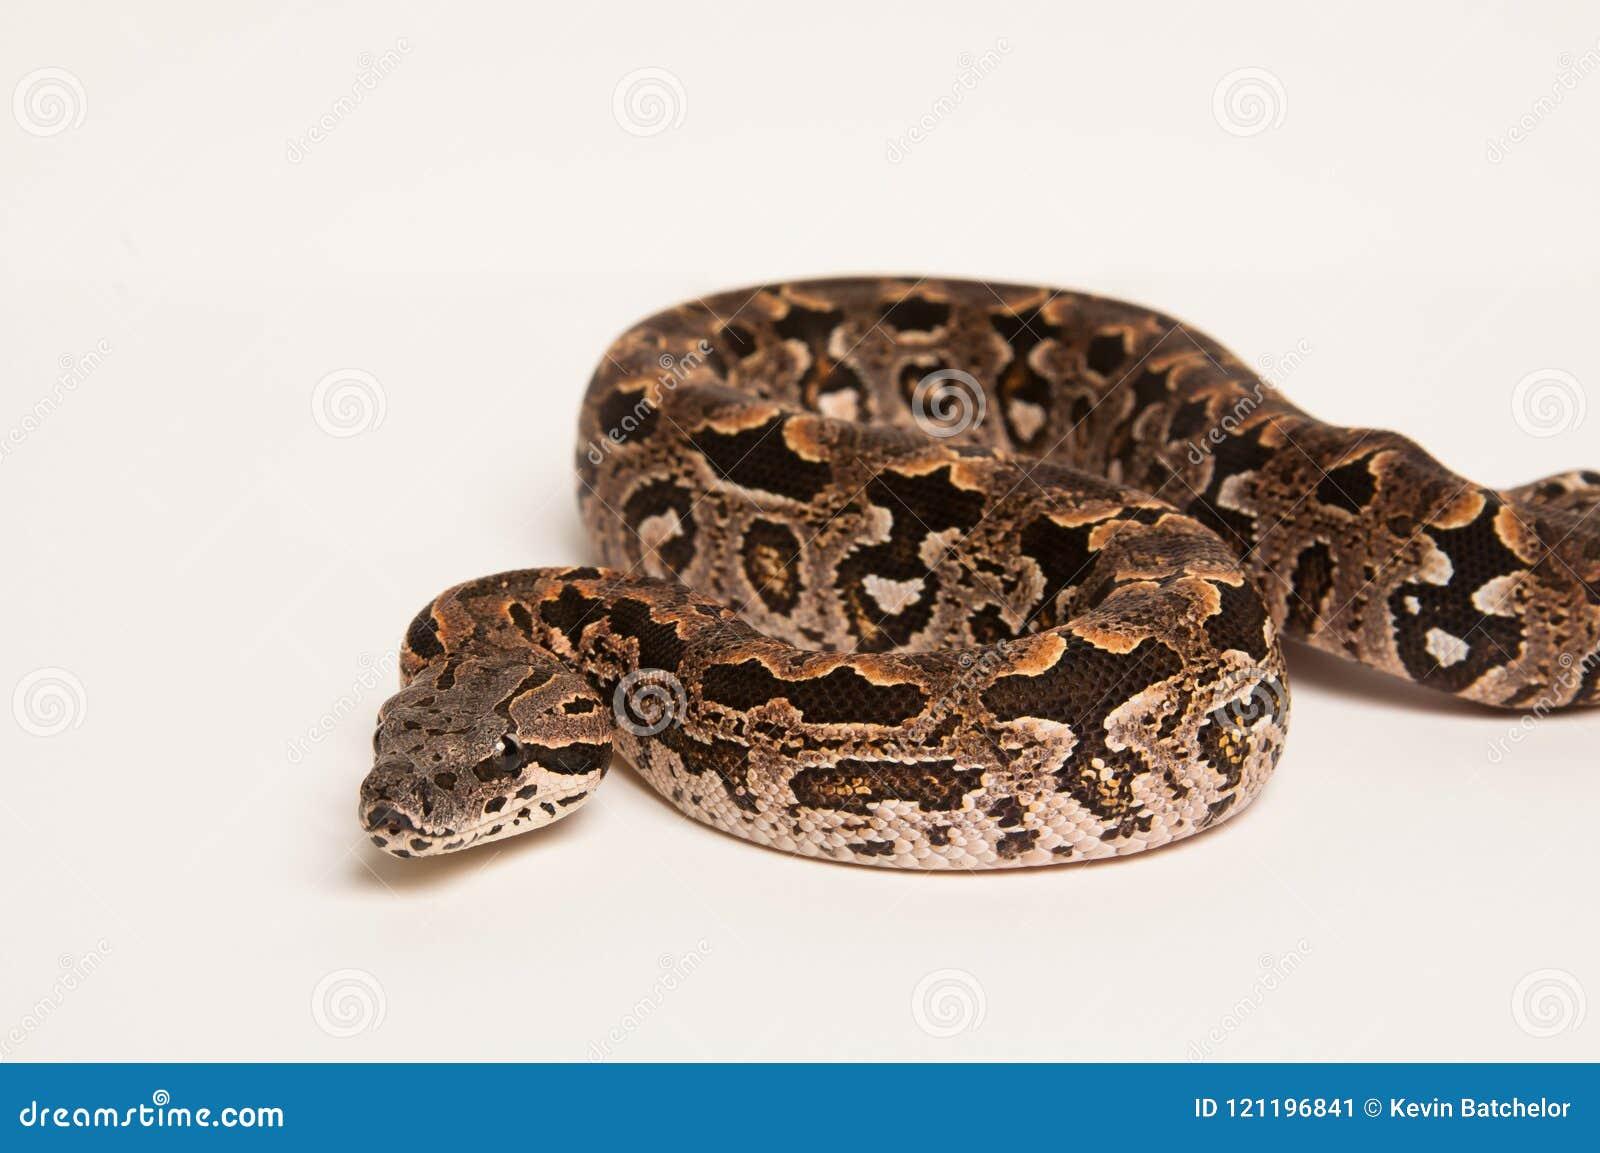 Boa constrictor auf Weiß